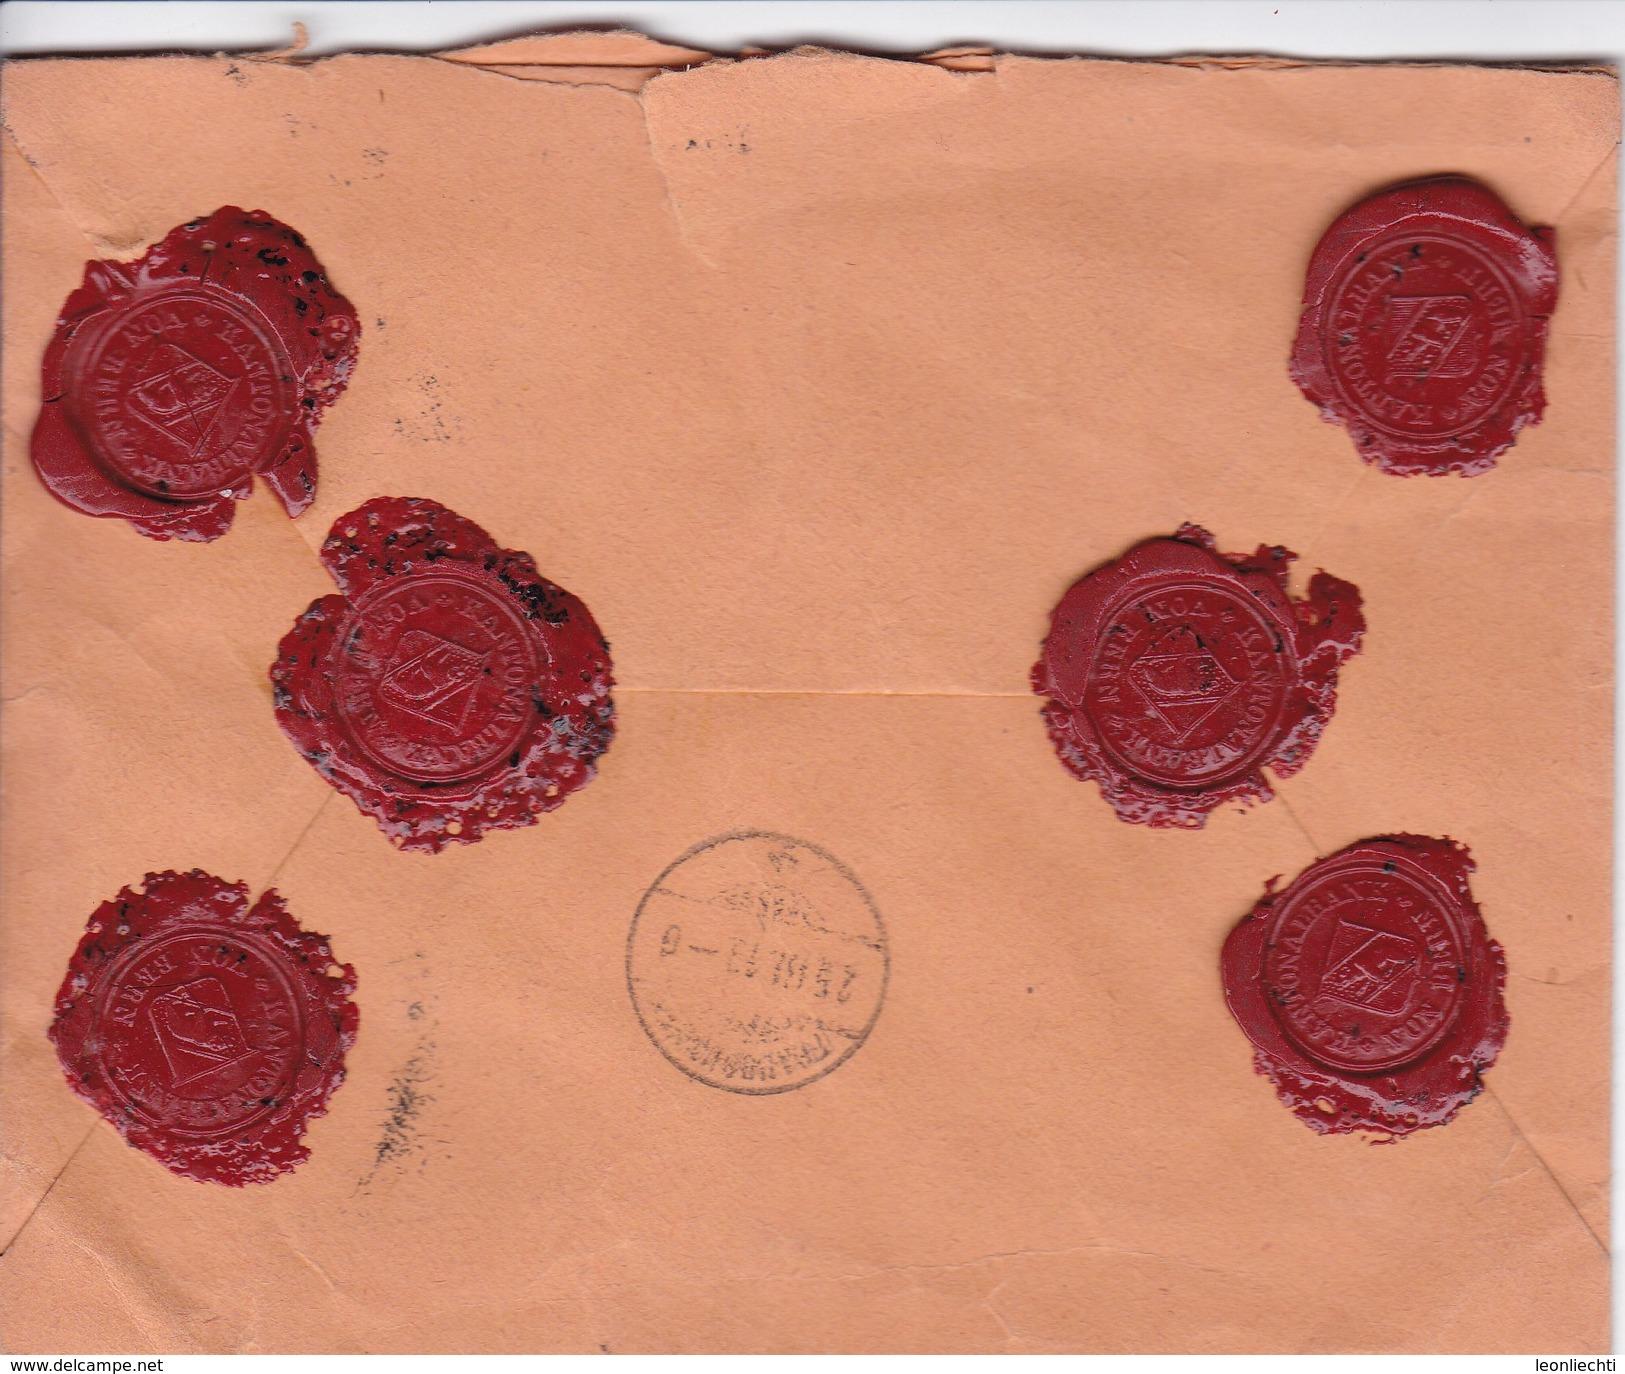 Siegelbrief, Kantonalbank Bern, Wert 4000.-, Bestellgebühr Bezahlt, Bern1 607 Wert. Mi:2 X 107x. Nach Fraubrunnen - Lettres & Documents